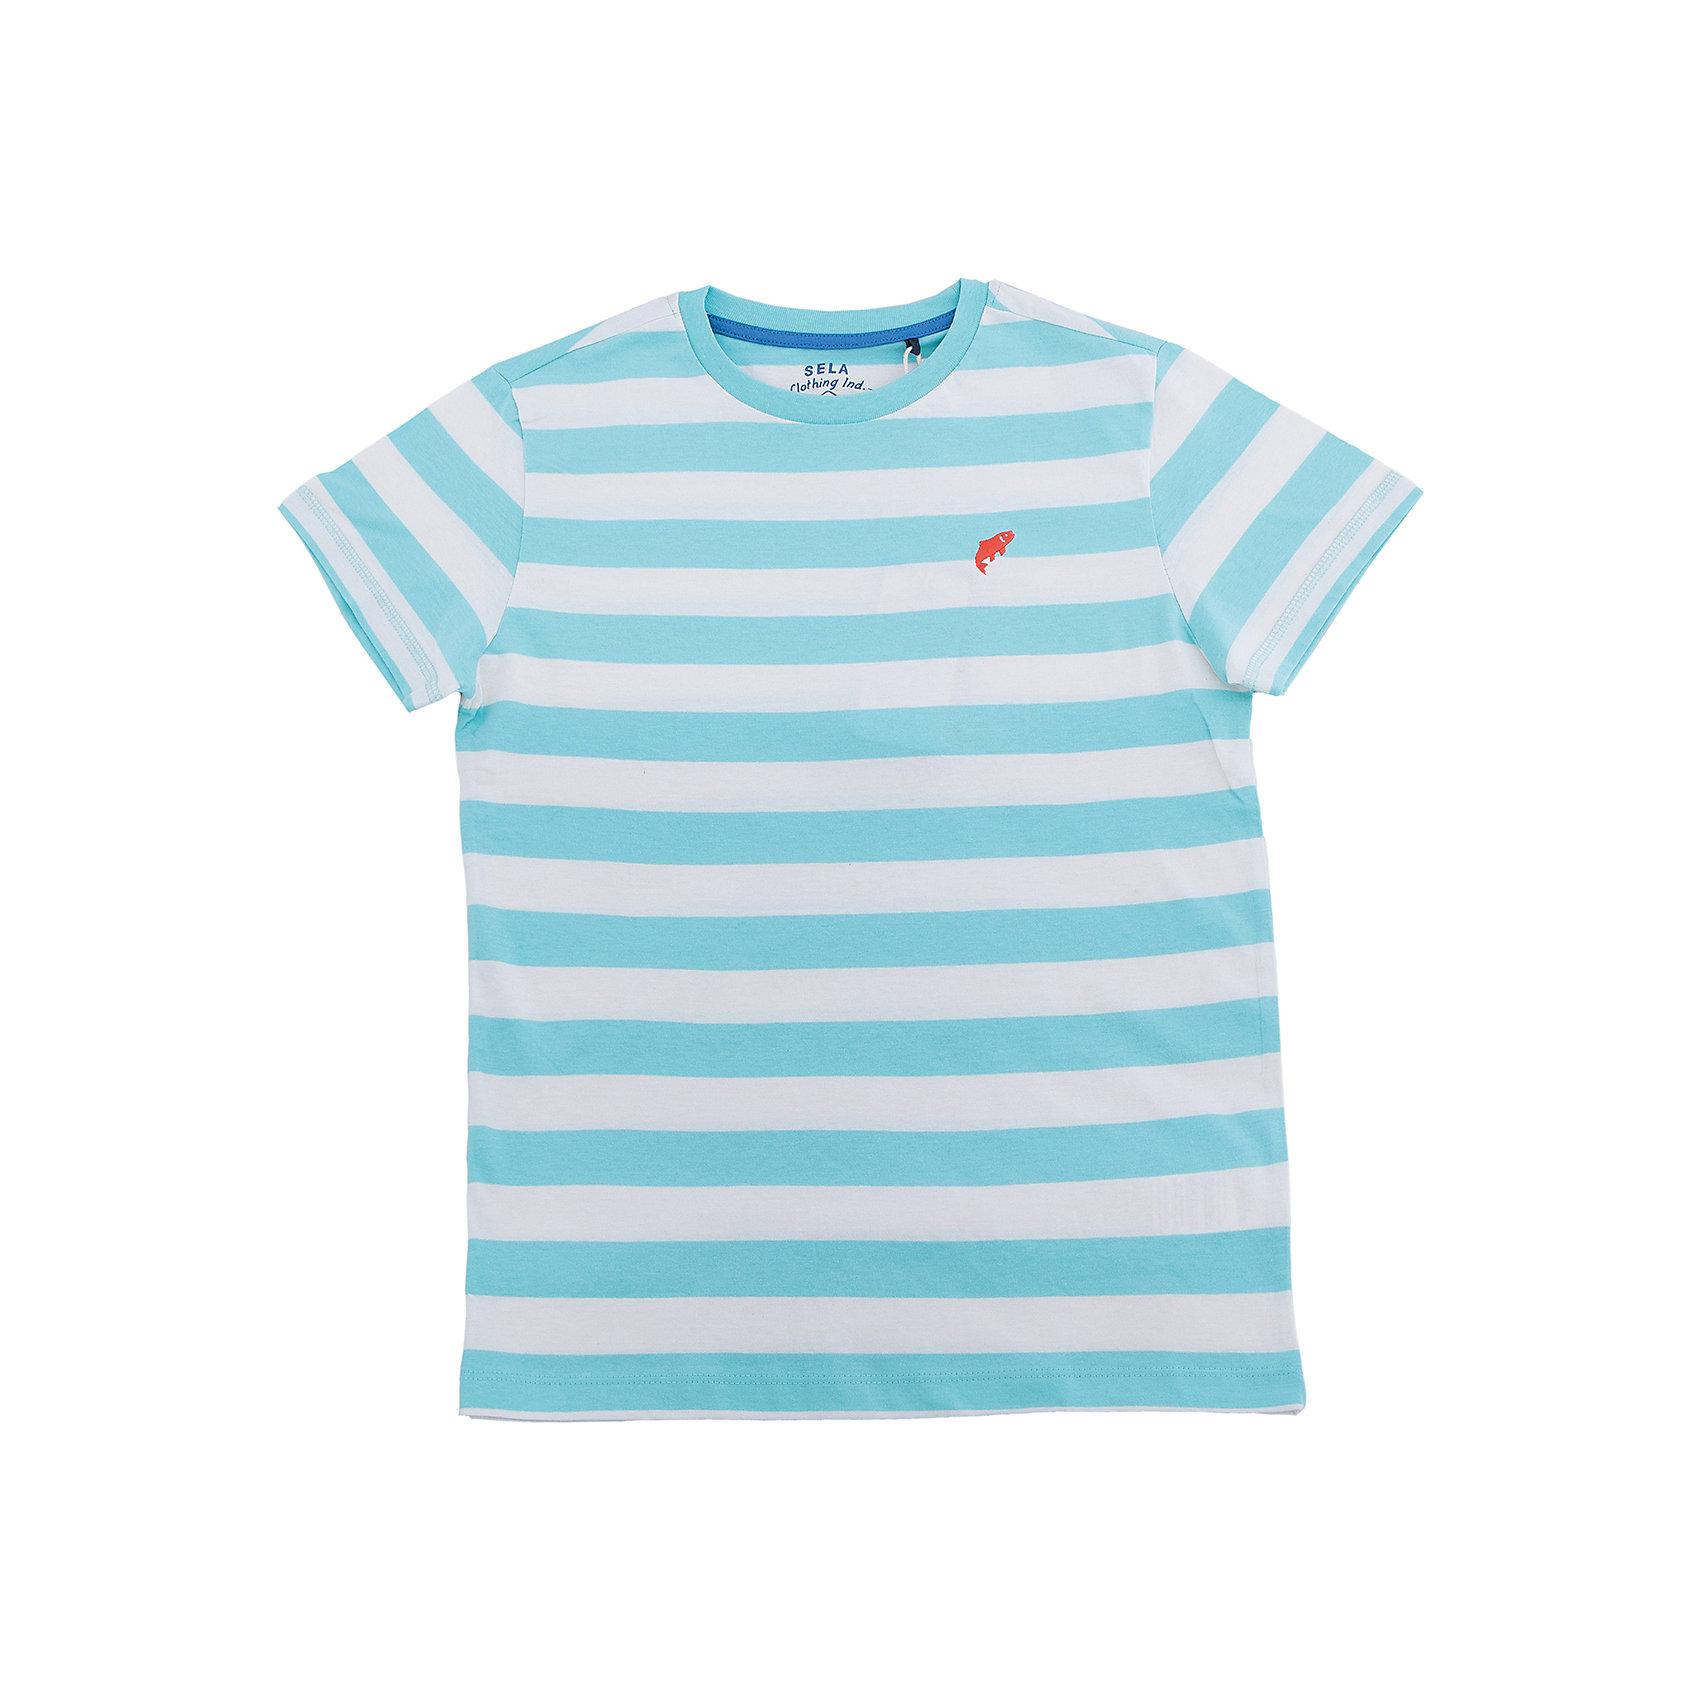 Футболка для мальчика SELAФутболки, поло и топы<br>Характеристики товара:<br><br>• цвет: голубой в полоску<br>• состав: 100% хлопок<br>• сезон: лето<br>• рукава короткие<br>• округлый горловой вырез<br>• страна бренда: Россия<br><br>Вещи из новой коллекции SELA продолжают радовать удобством! Эта футболка для мальчика поможет разнообразить гардероб ребенка и обеспечить комфорт. Она отлично сочетается с шортами и брюками. Стильная и удобная вещь!<br><br>Футболку для мальчика от популярного бренда SELA (СЕЛА) можно купить в нашем интернет-магазине.<br><br>Ширина мм: 230<br>Глубина мм: 40<br>Высота мм: 220<br>Вес г: 250<br>Цвет: голубой<br>Возраст от месяцев: 108<br>Возраст до месяцев: 120<br>Пол: Мужской<br>Возраст: Детский<br>Размер: 140,146,134,152,122,128<br>SKU: 5304109